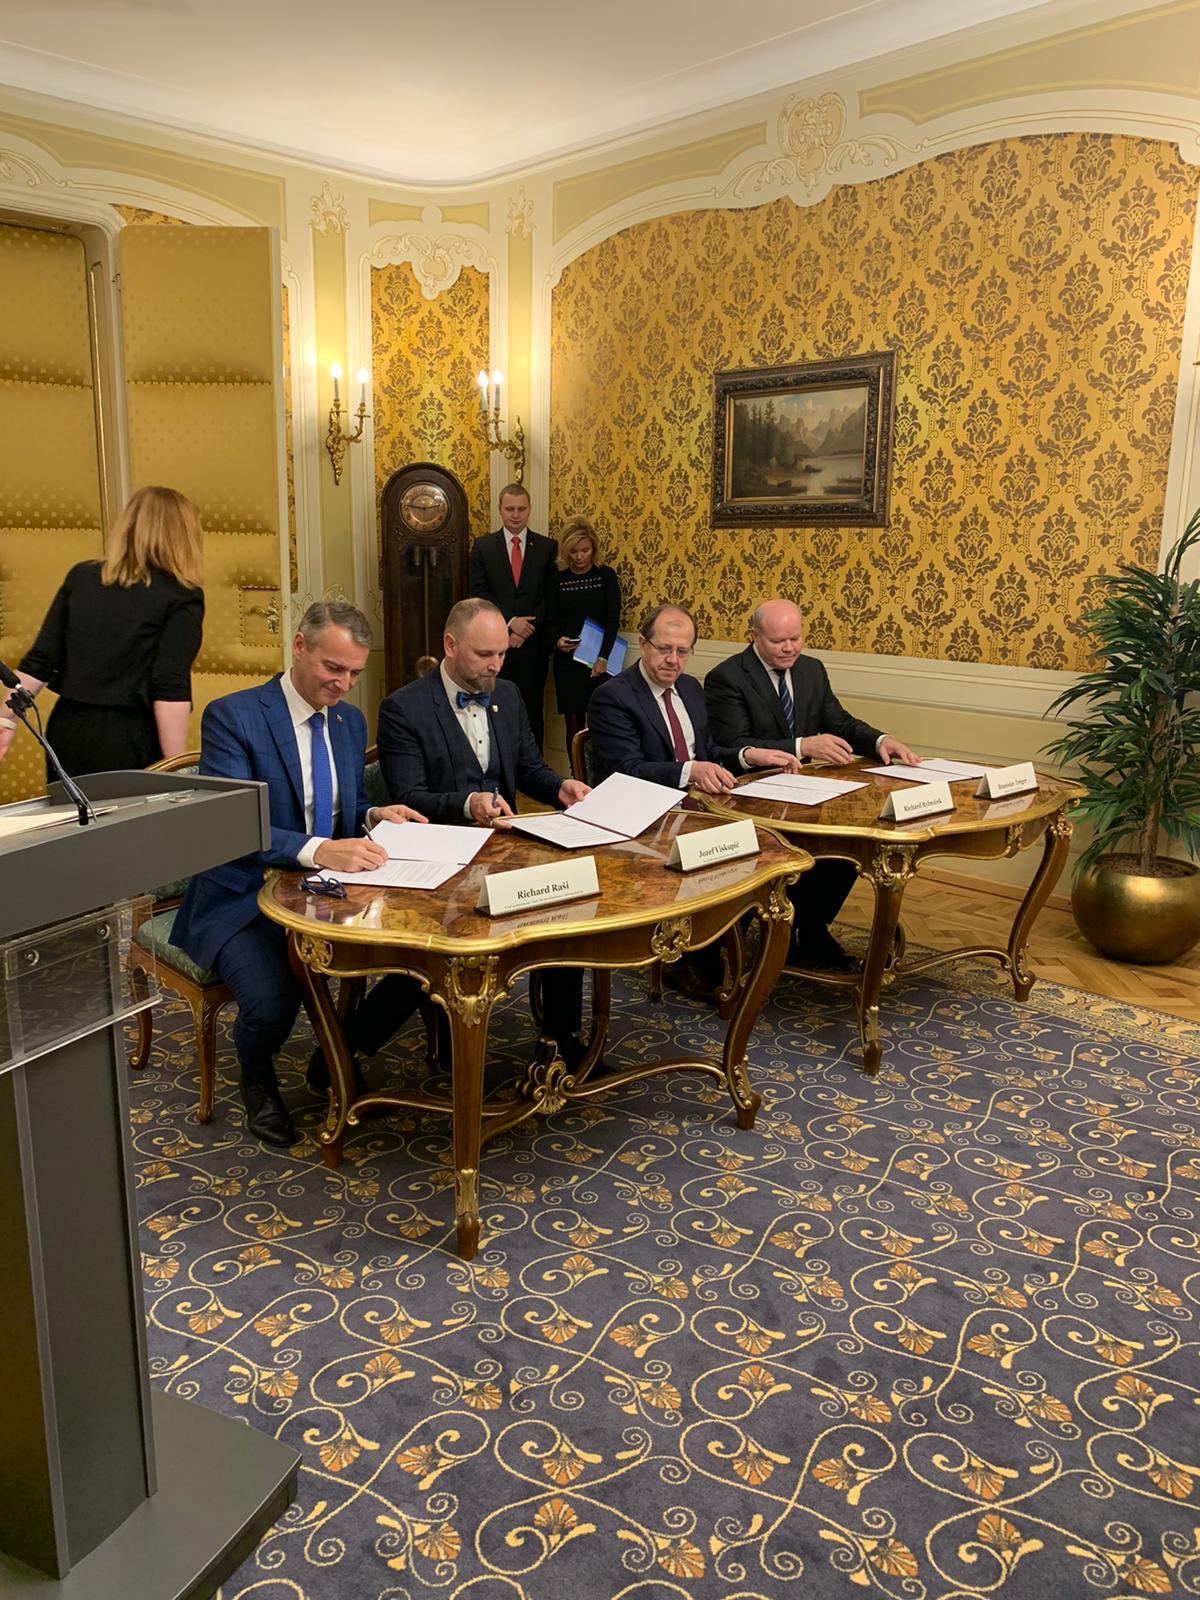 R. Raši: Memorandum prináša zásadnú zmenu v spôsobe prideľovania eurofondov pre územné samosprávy